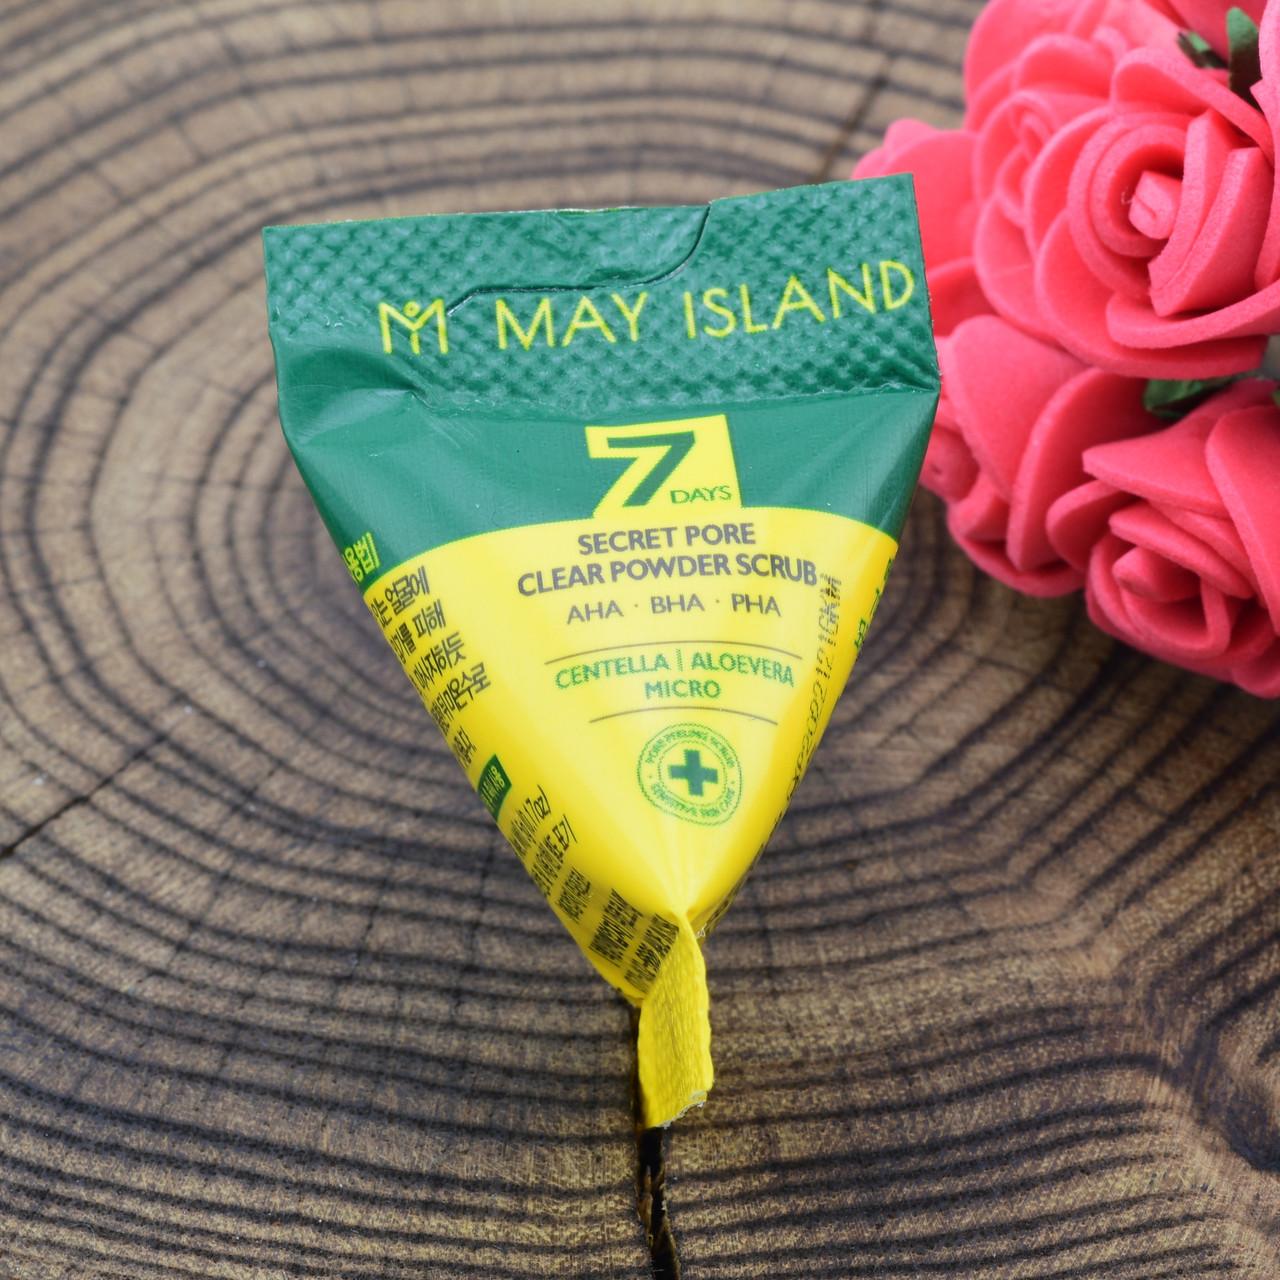 Скраб для очищения пор May Island с кислотами и центеллой 7Days Secret Pore Clear Powder Scrub